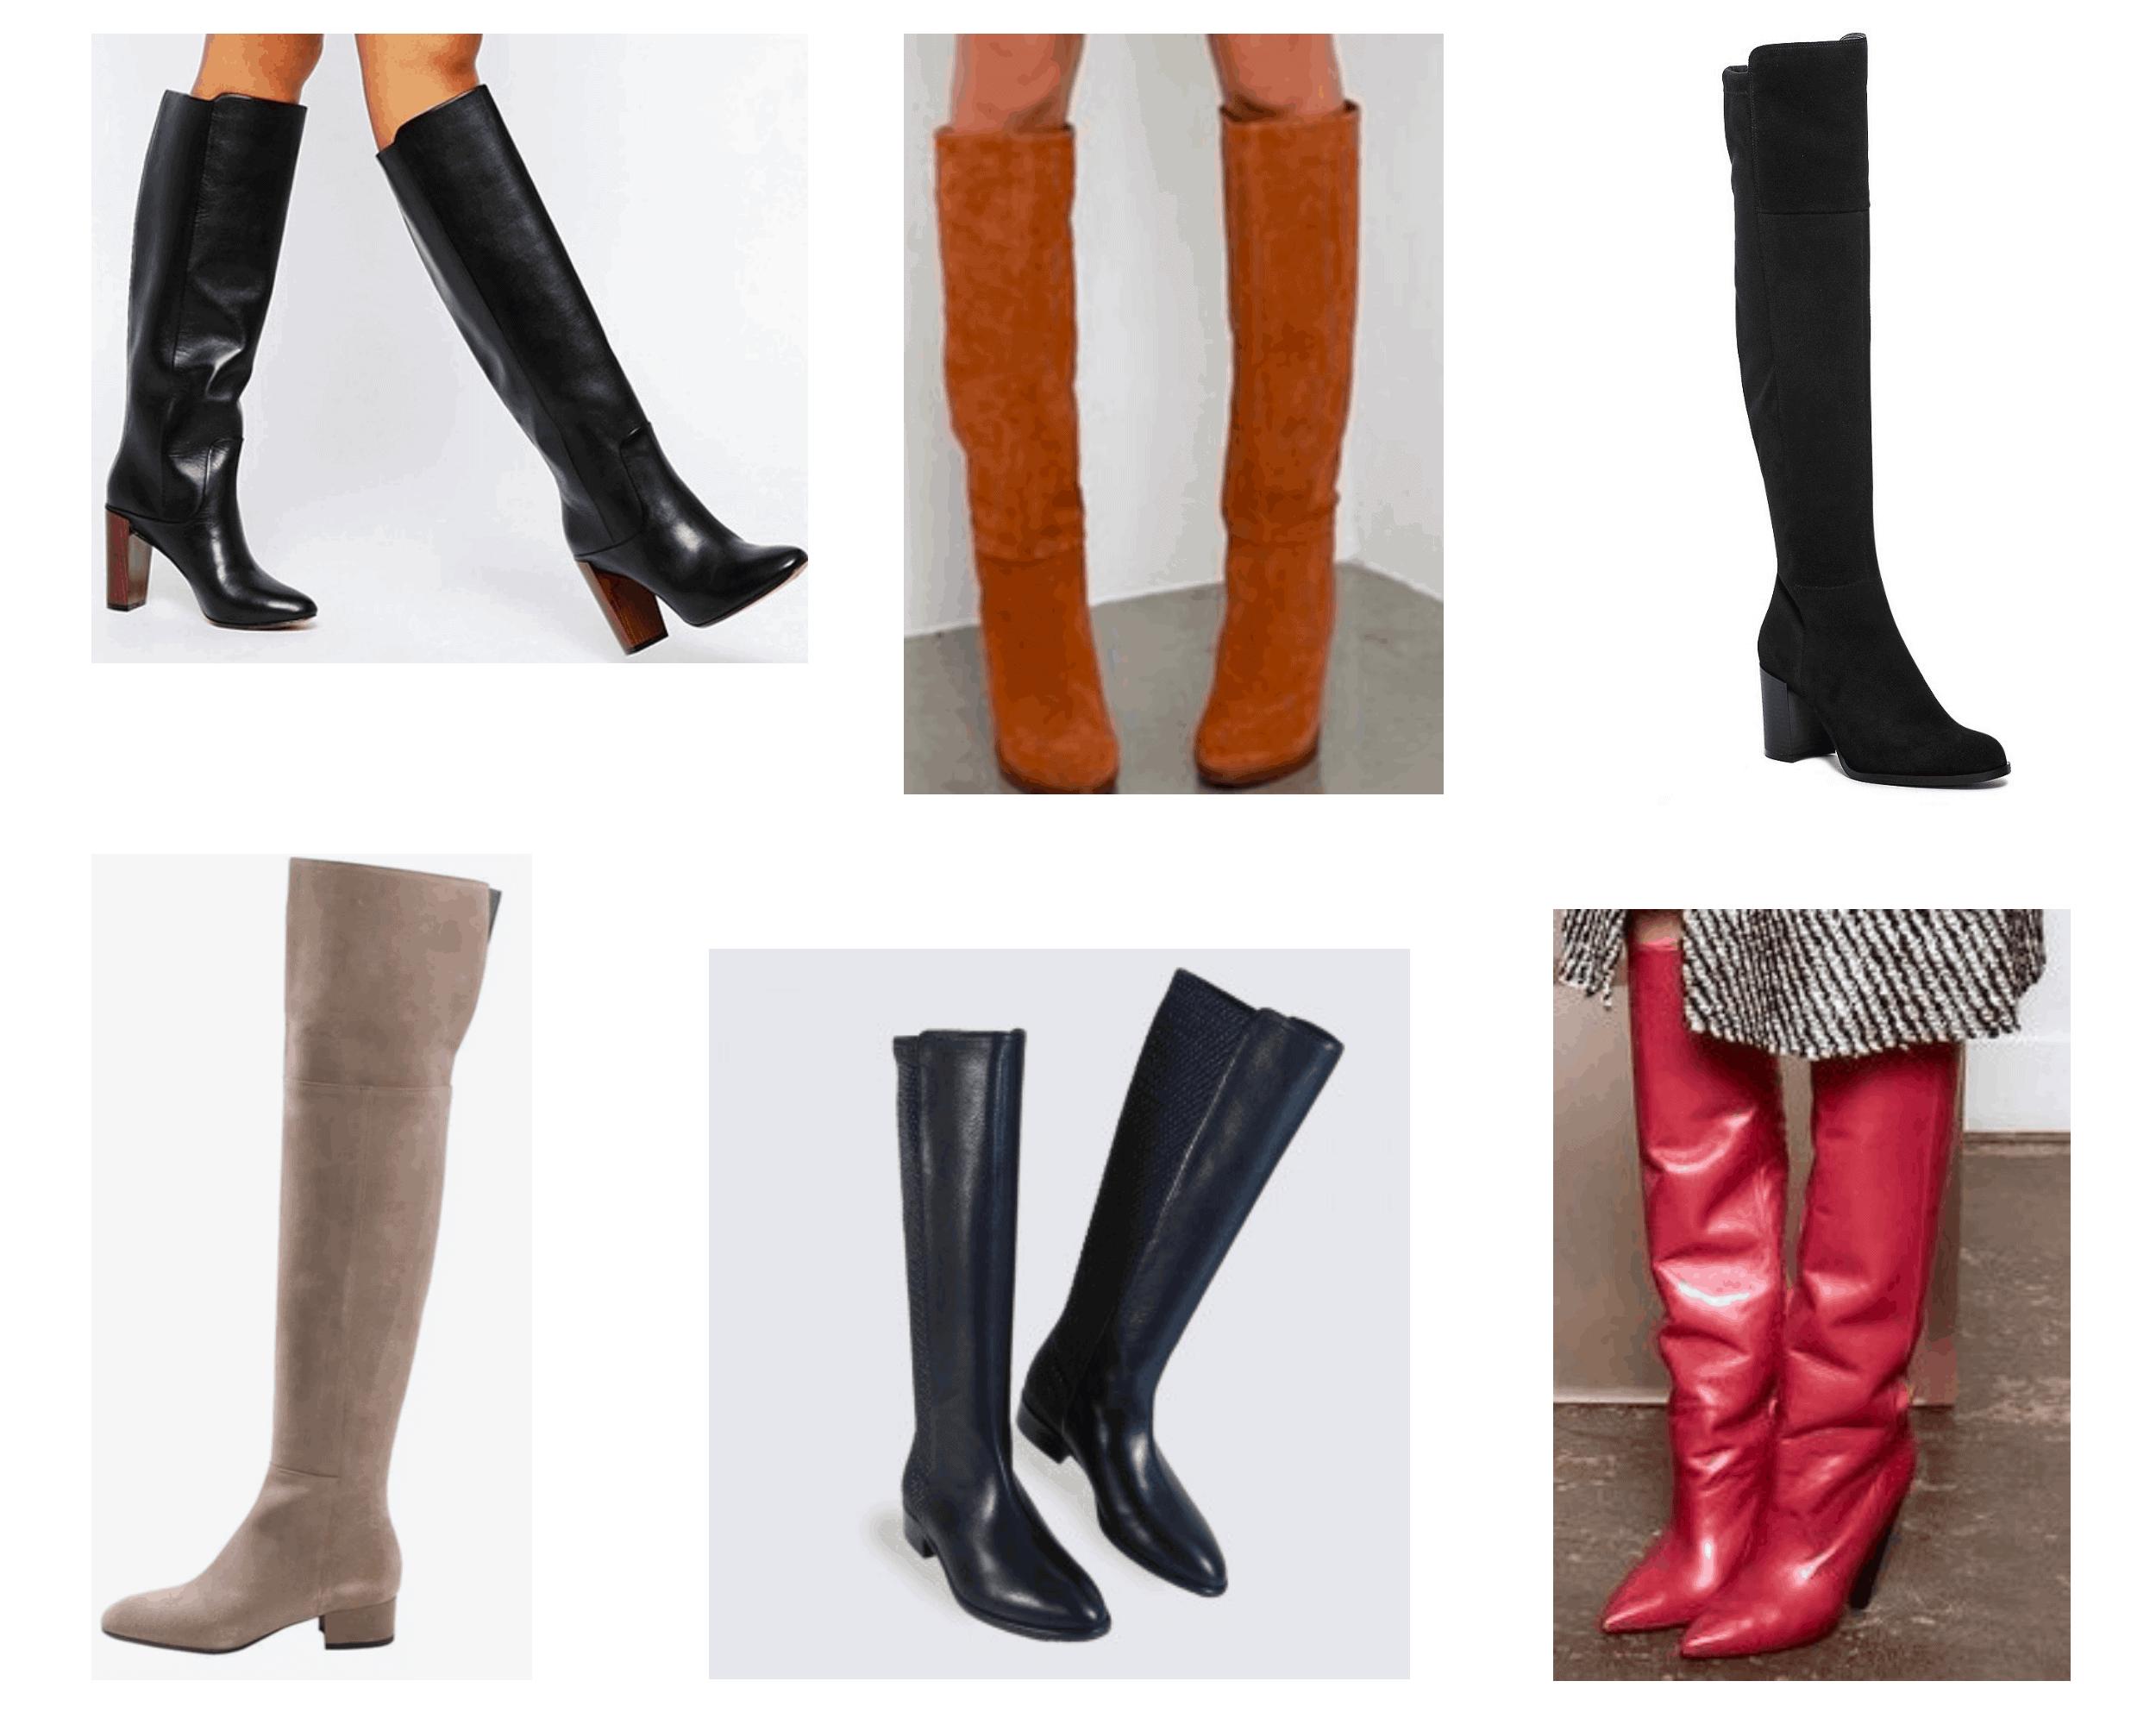 comment porter bottes, tenue avec bottes hautes, que porter avec des bottes, robe botte, porter bottes, comment porter les bottes, avec quoi porter des bottes, porter des bottes, comment porter des bottes hautes, botte avec robe, comment porter bottes hautes, comment porter des bottes a talons, que mettre avec des bottes, comment porter des bottes, botte et jupe, quelles bottes avec une robe, quelle botte avec une jupe, tenue avec des bottes, botte avec jupe, tenue avec bottes, look robe bottes, quelle botte avec une robe, bottes et jupe courte, robe et bottes